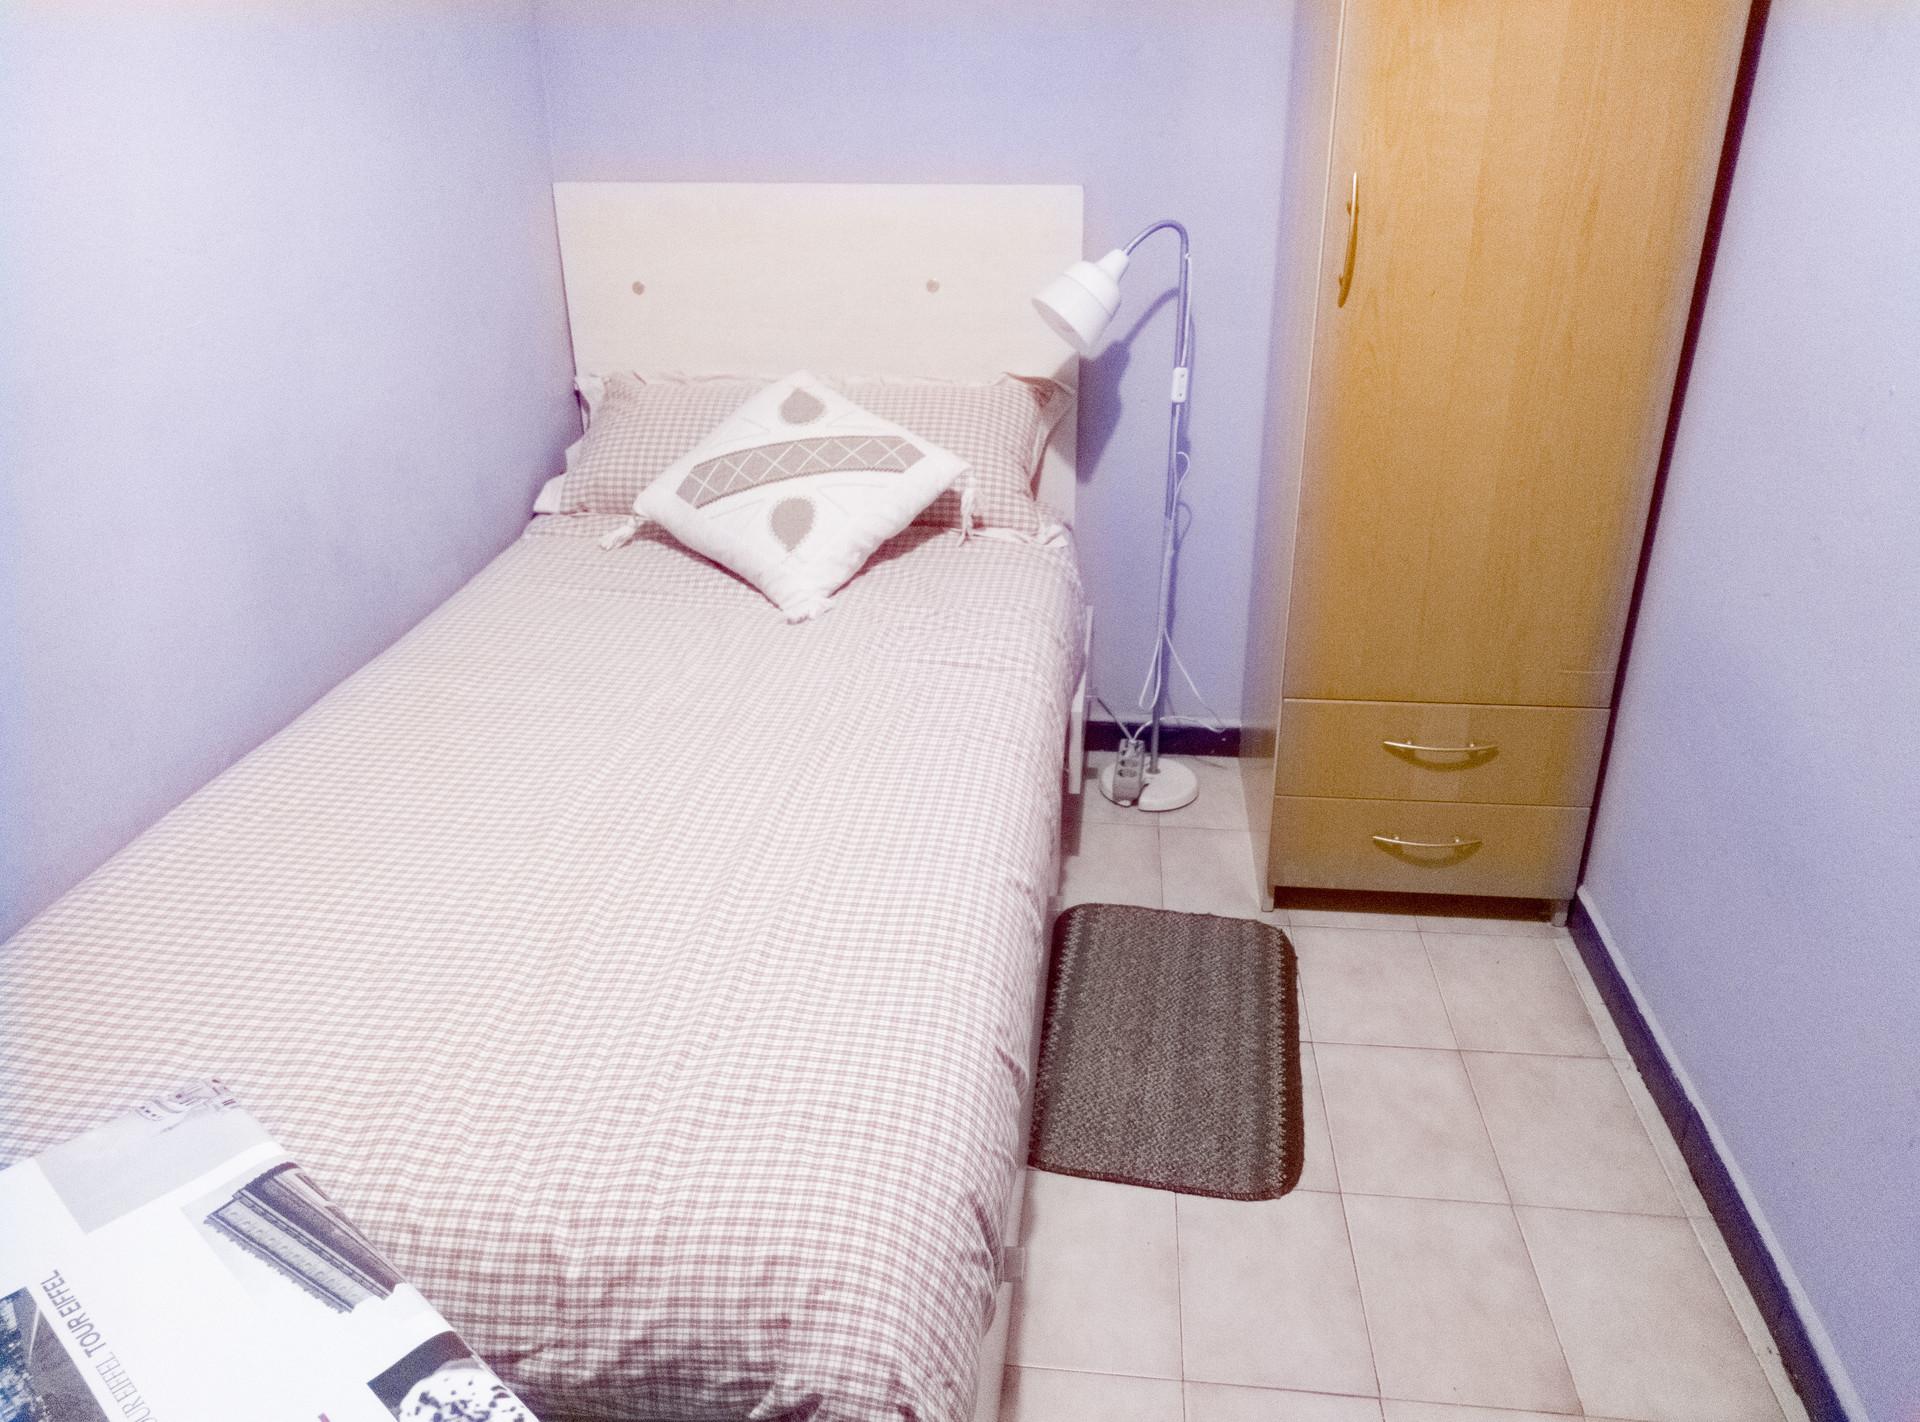 alquiler habitacion barcelona estudiantes